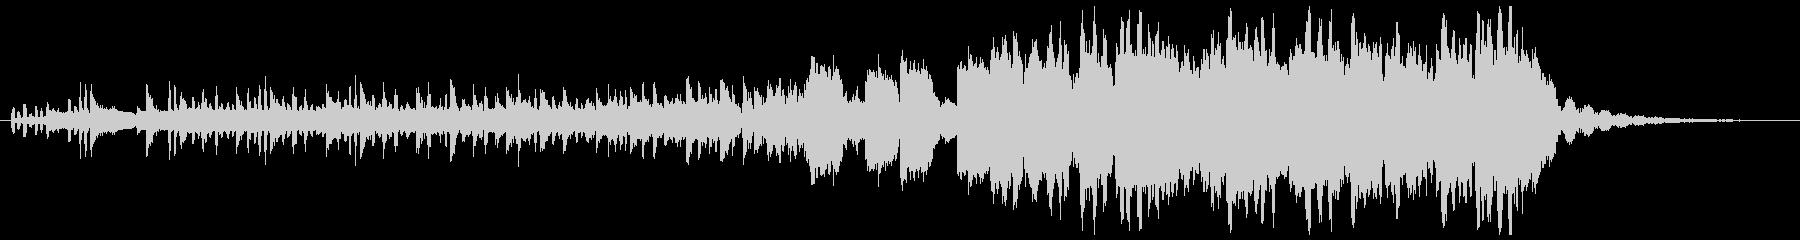 重低音強めのHipHopの未再生の波形